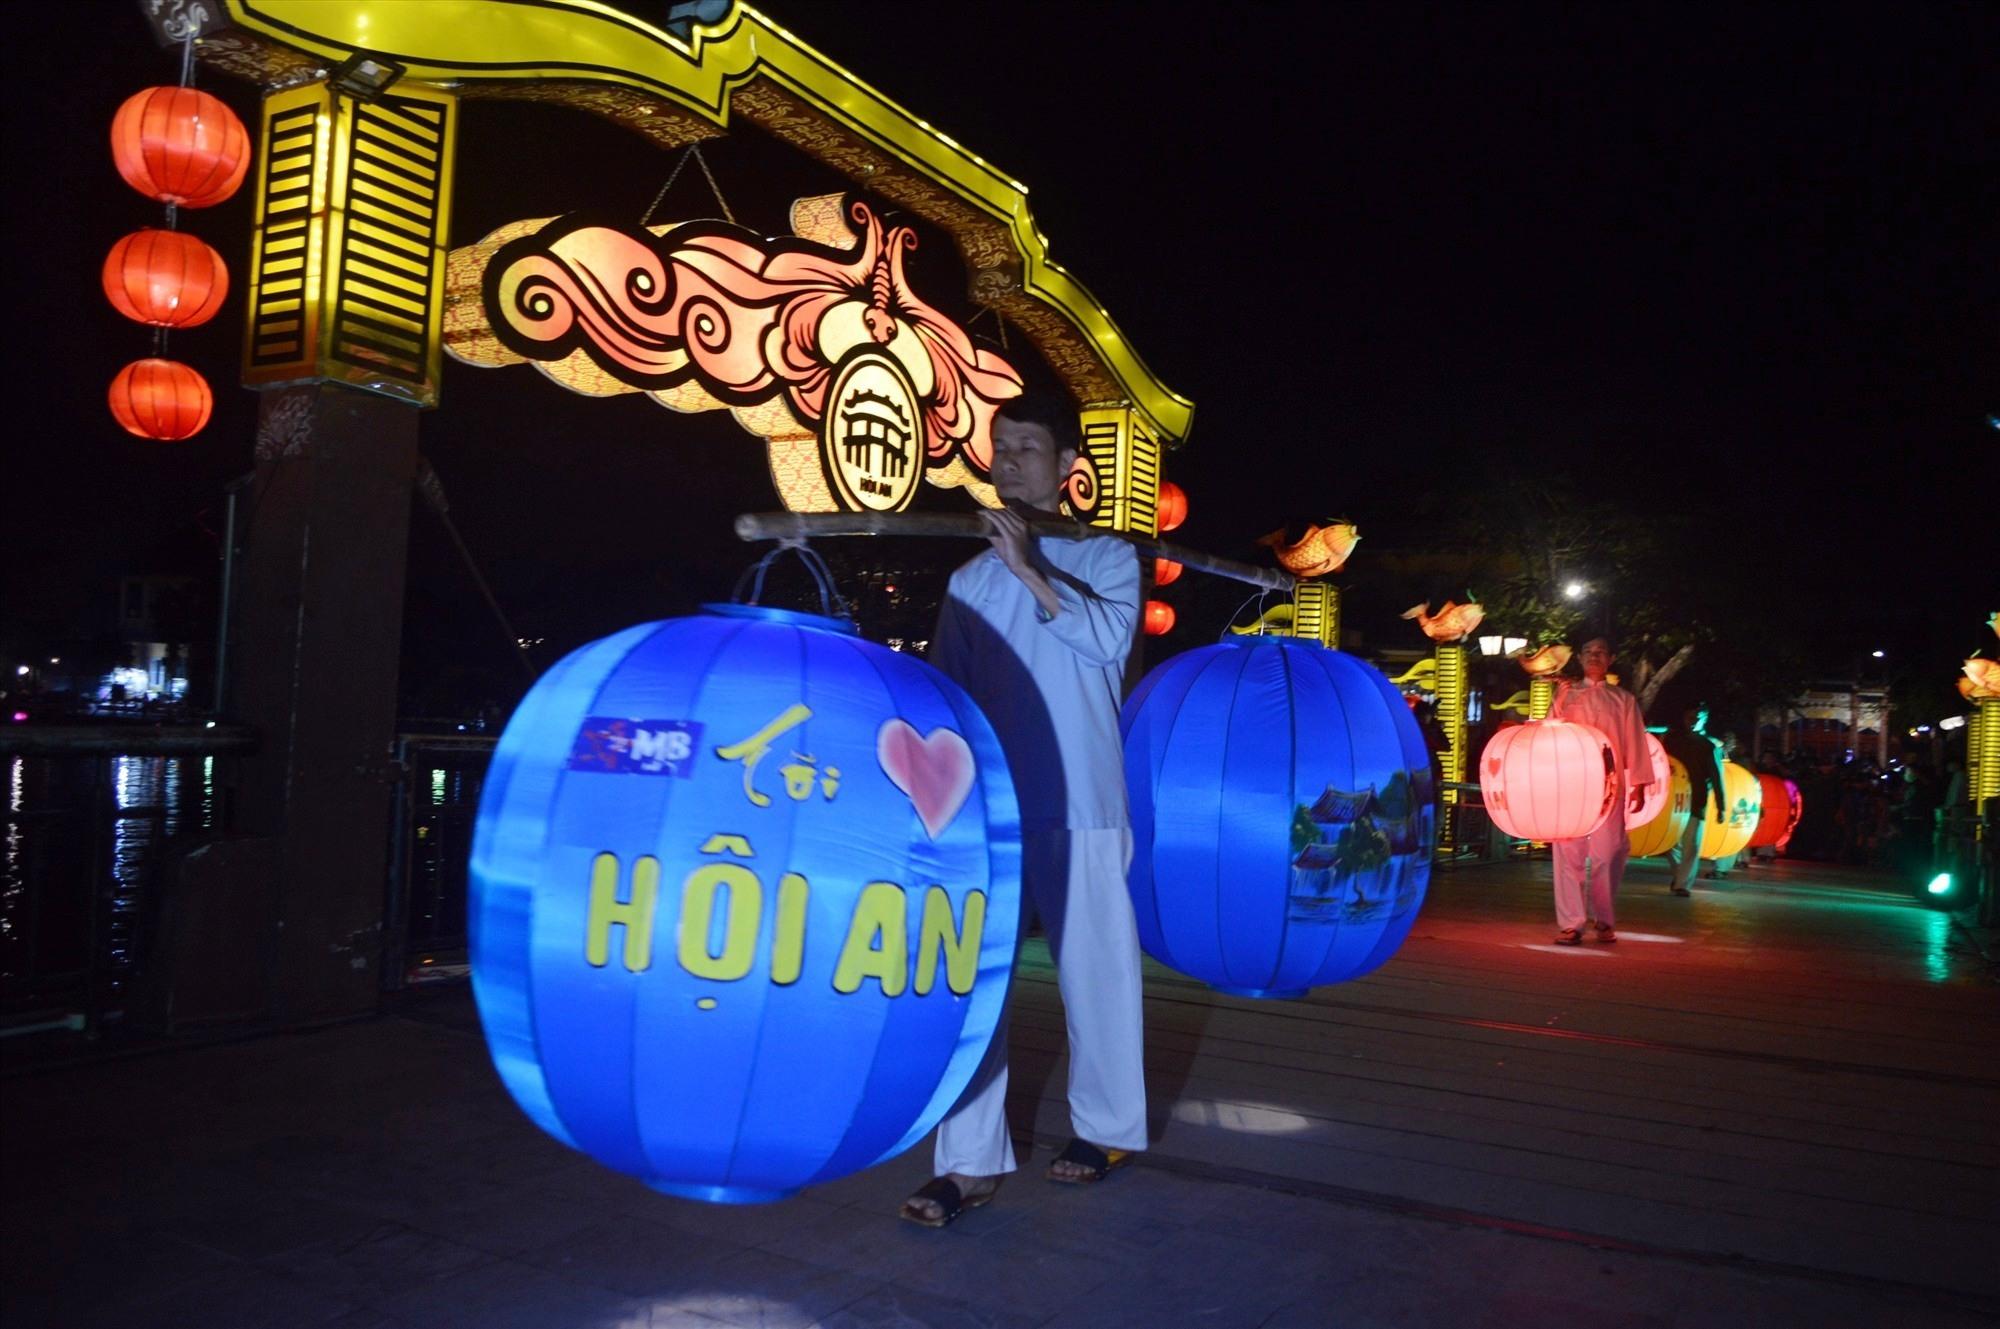 Những gánh đèn lồng đã góp phần tao nên sự lung linh lãng mạn cho đêm trình diễn